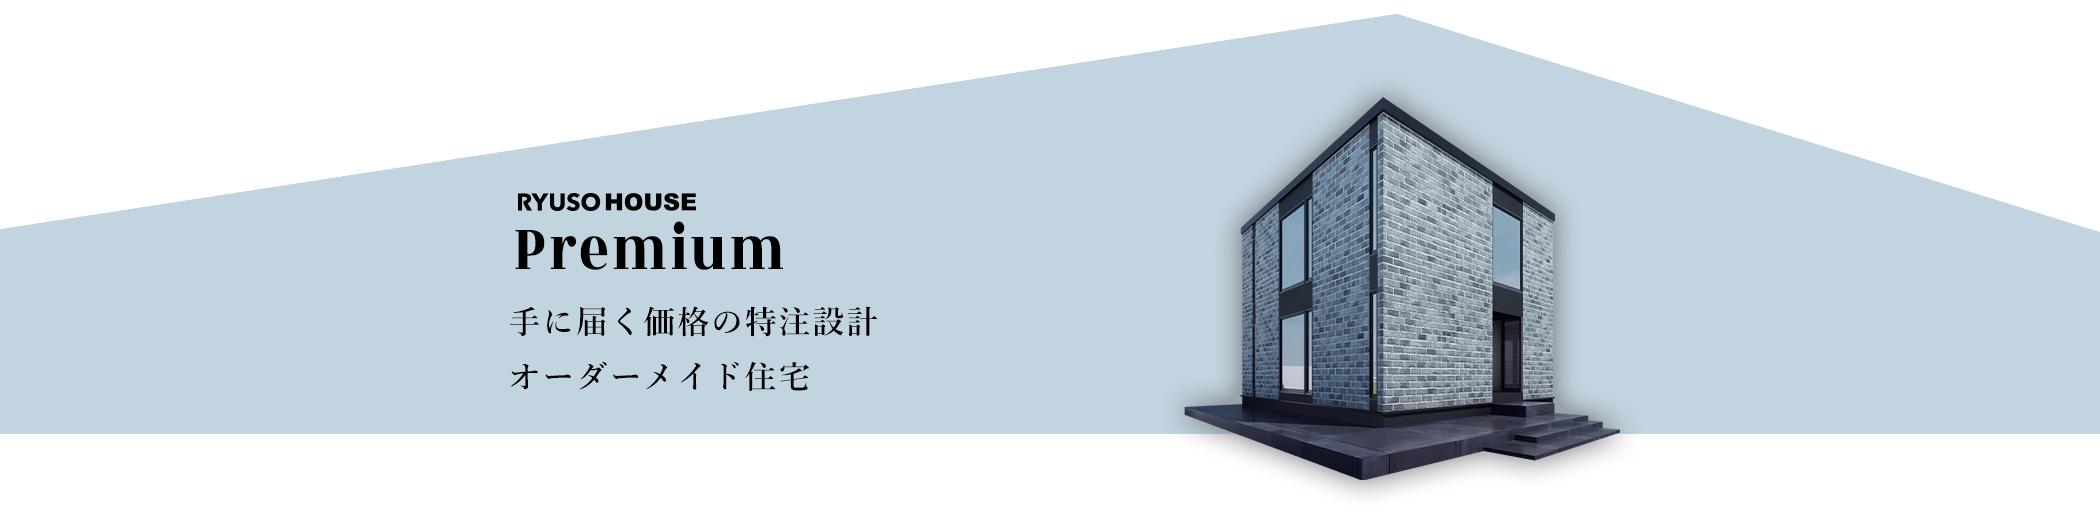 RYUSOHOUSEプレミアム|ハイクオリティーデザイン住宅